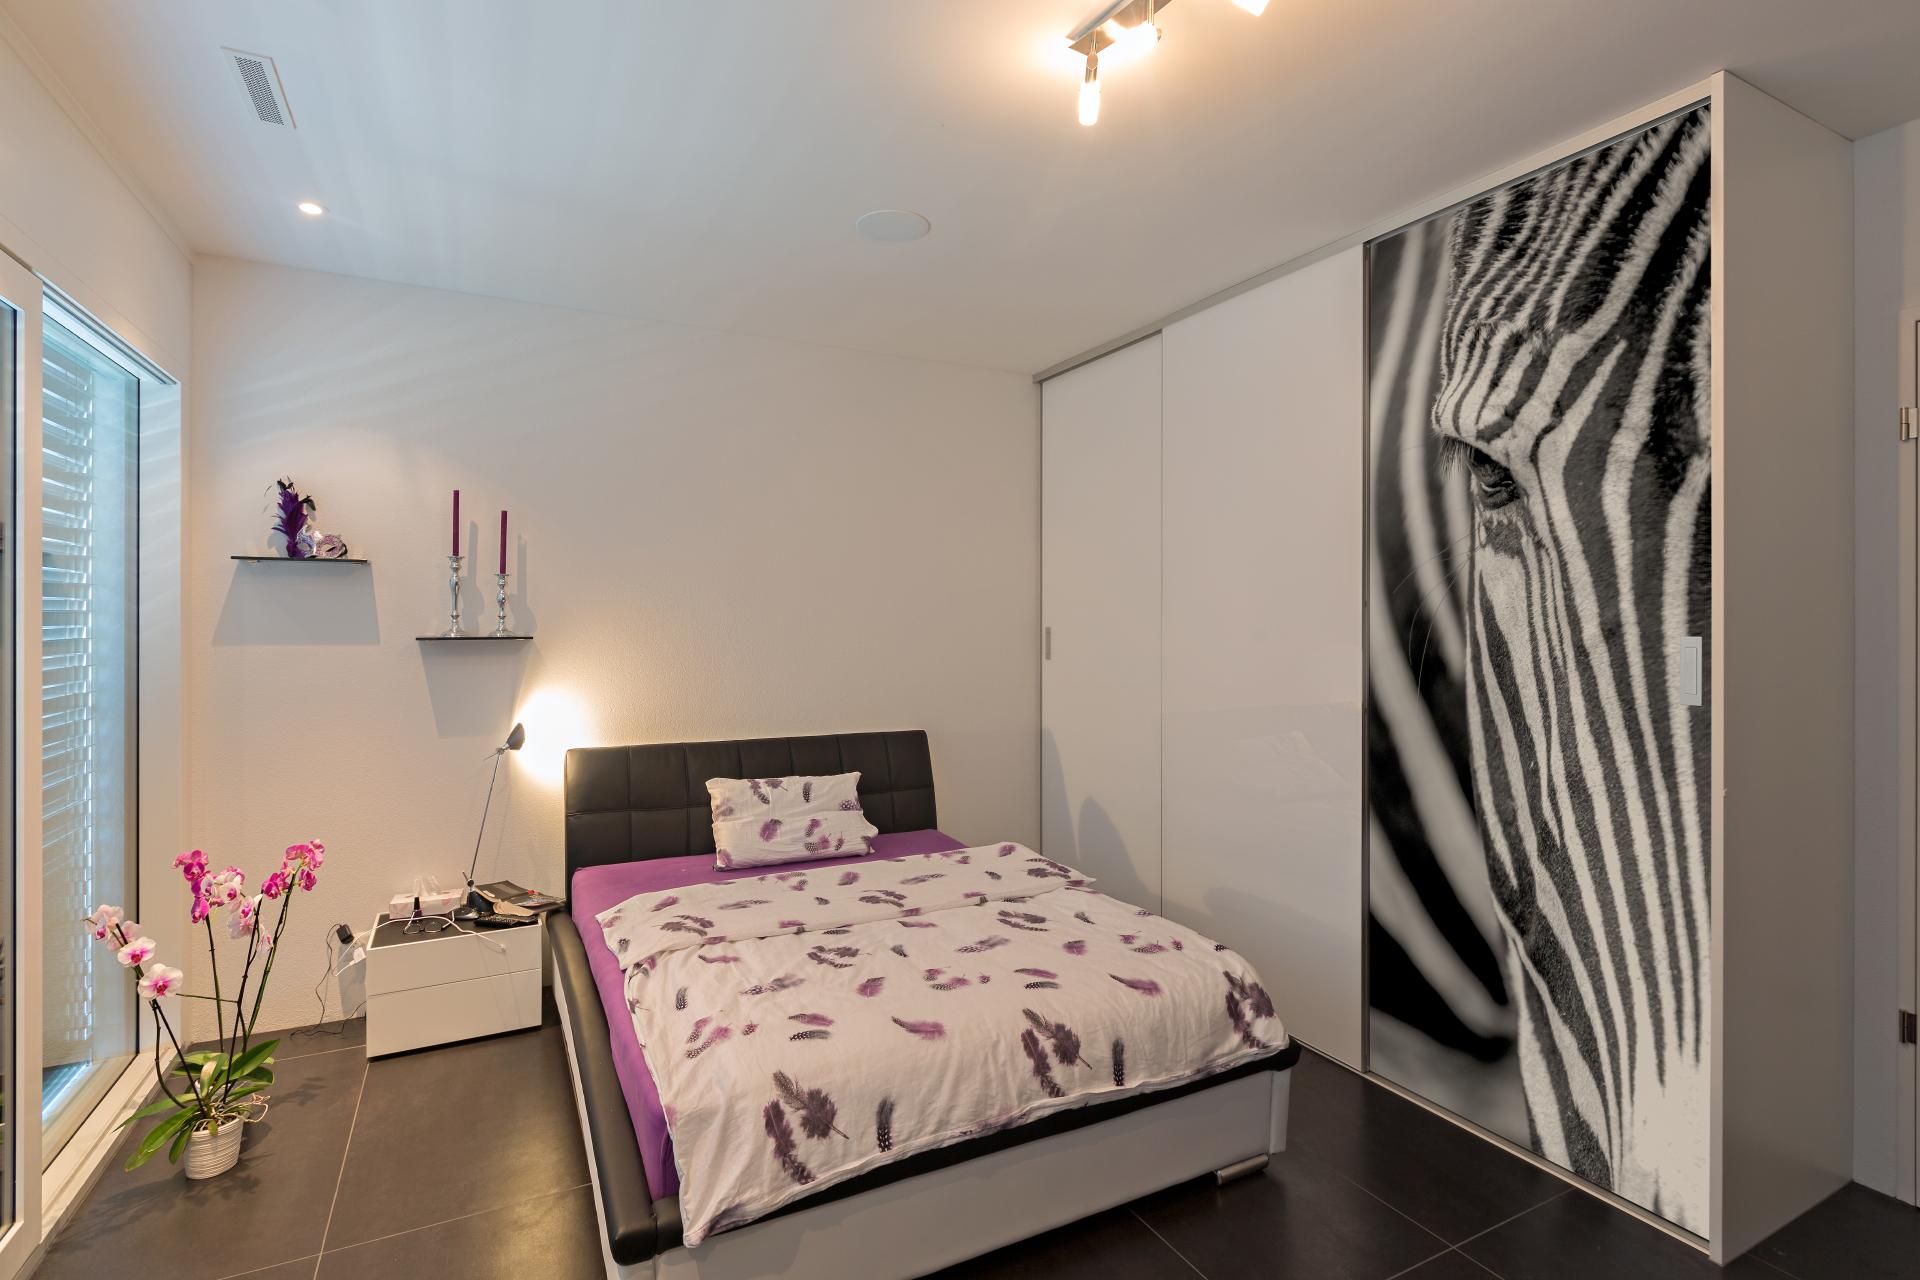 Fesselnde Schrank Als Raumteiler Dekoration Von Schlafzimmerschrank Mit Motiv